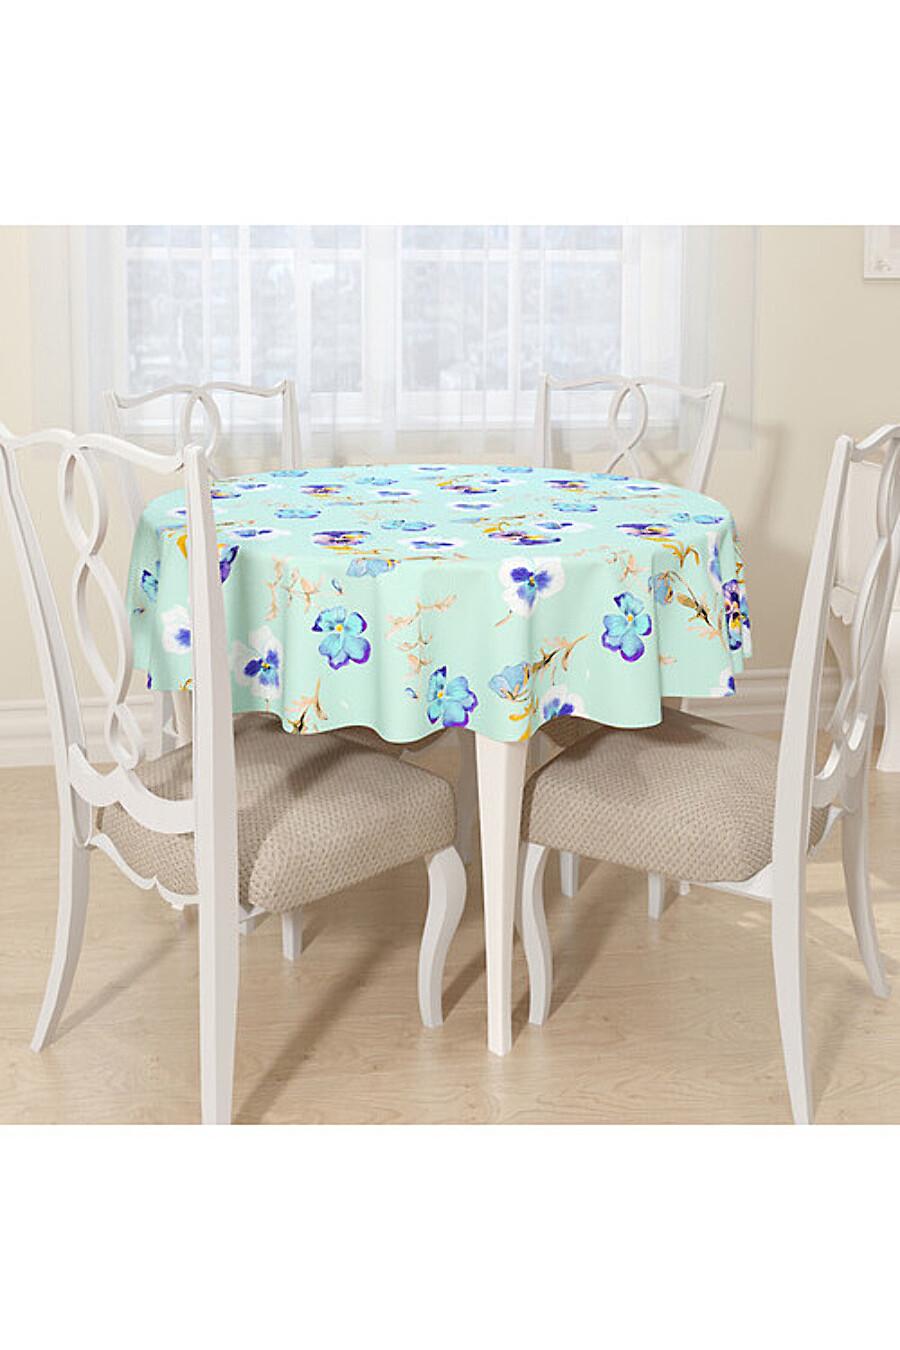 Скатерть для дома ART HOME TEXTILE 180113 купить оптом от производителя. Совместная покупка товаров для дома в OptMoyo